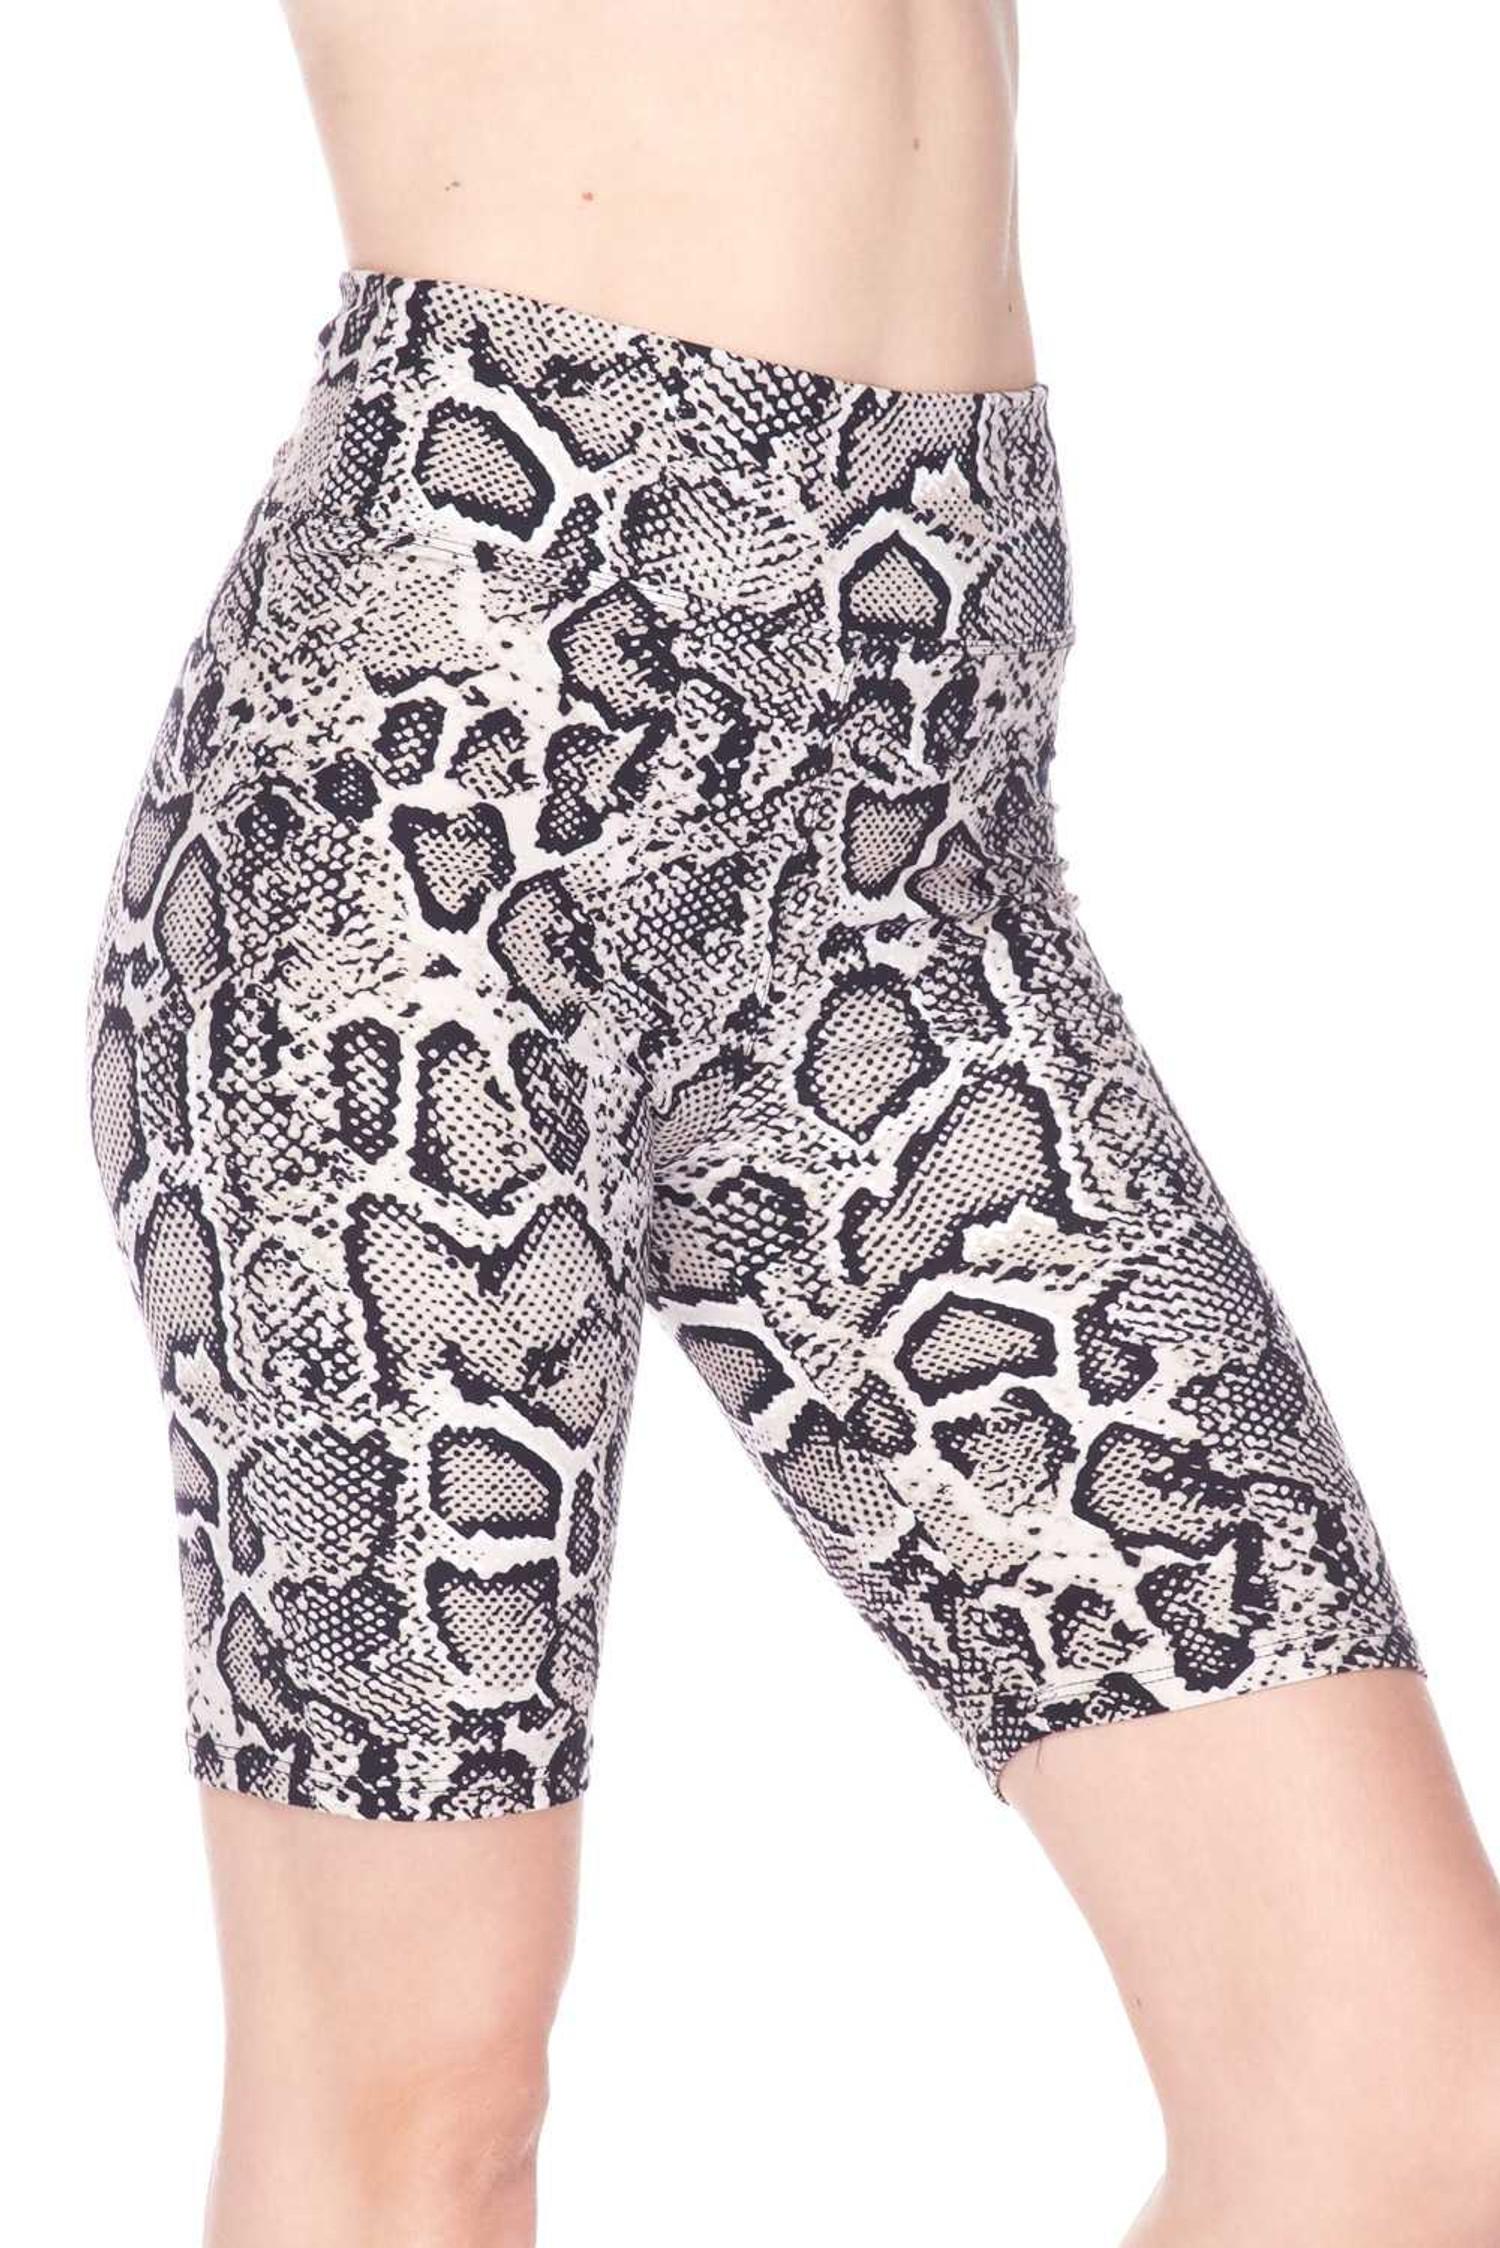 Brushed Beige Boa Snakeskin Plus Size Shorts